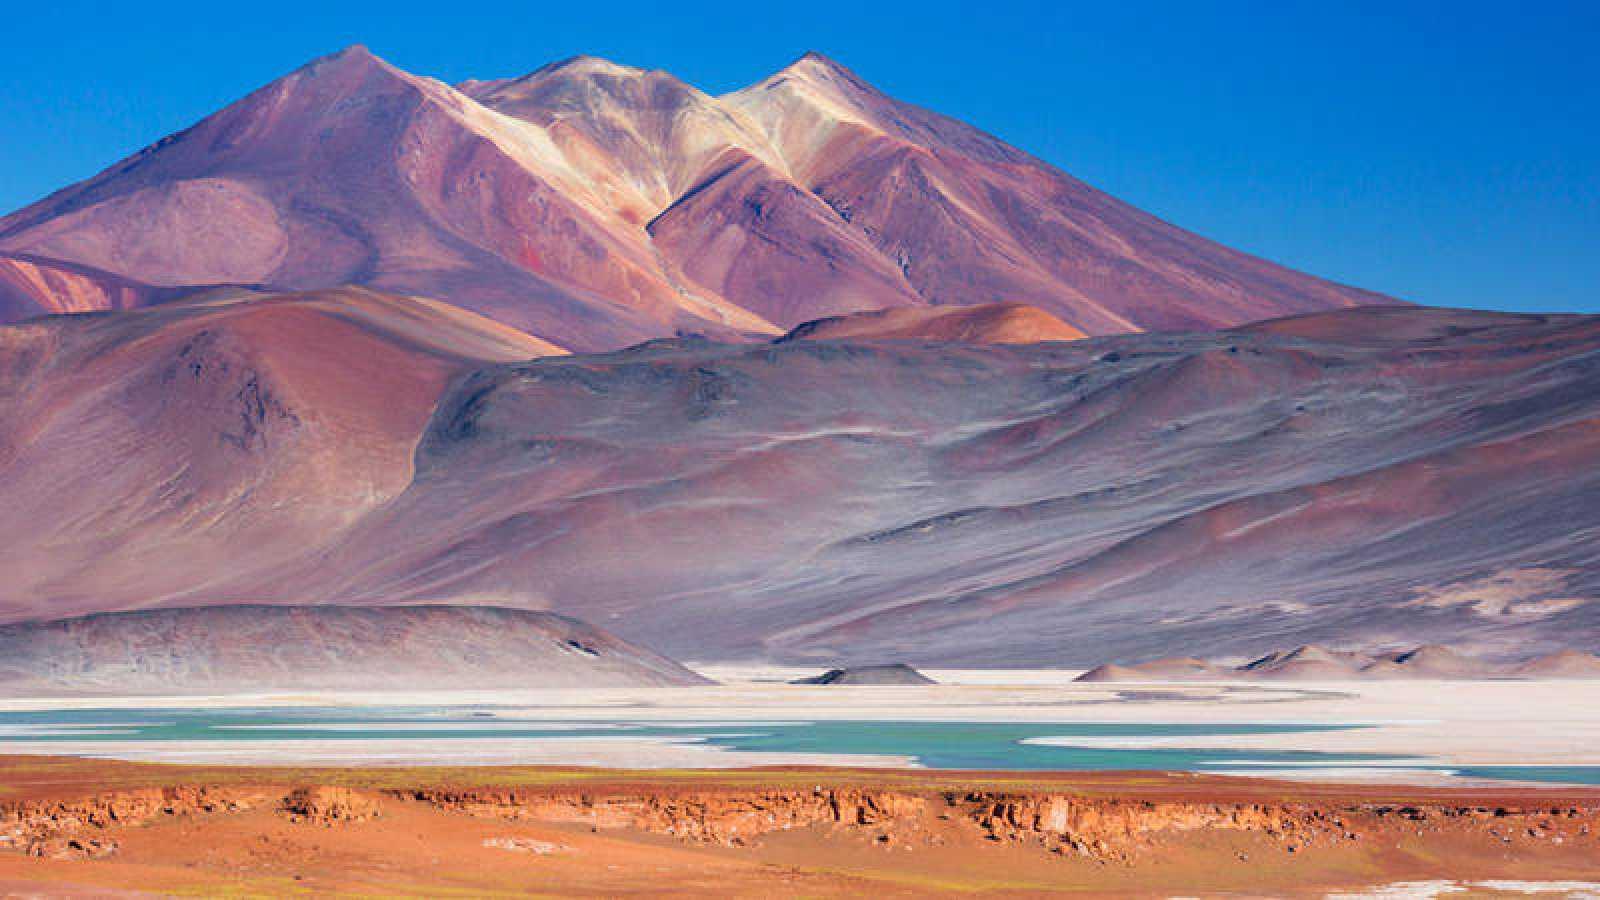 En el corazón hiperárido del desierto de Atacama hacía al menos 500 años que no se registraban lluvias.